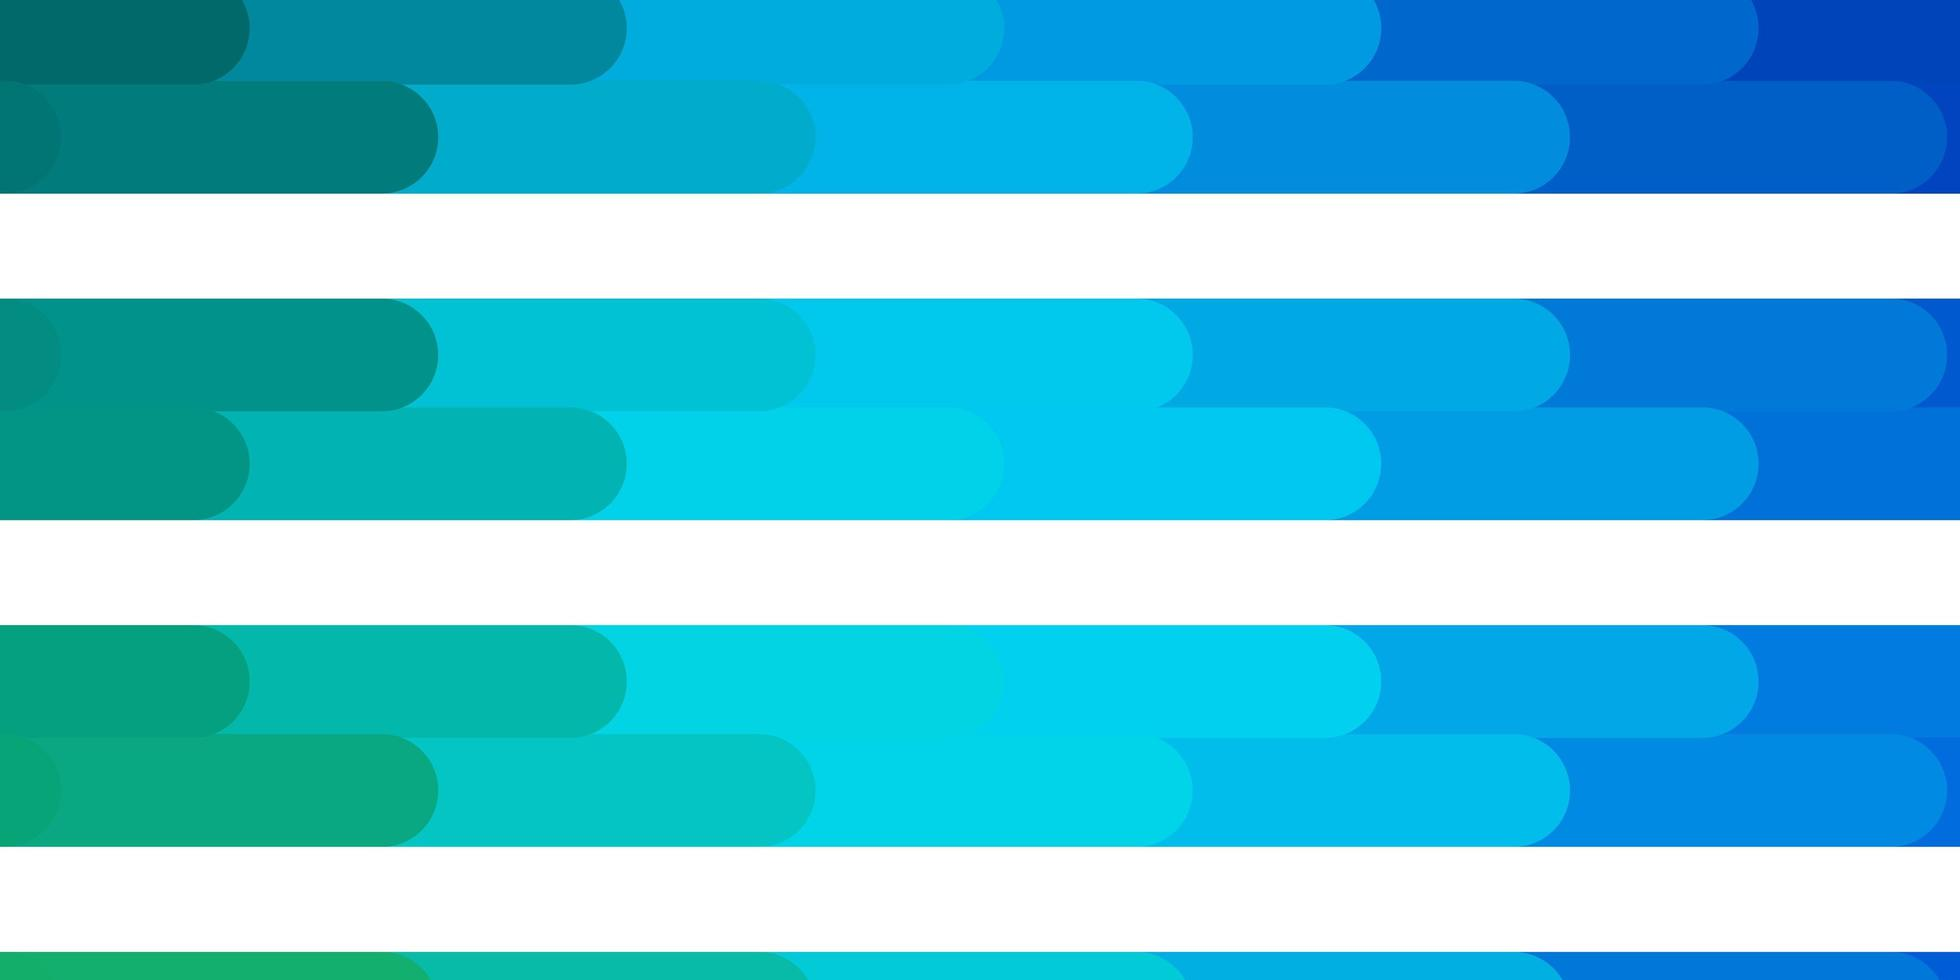 layout vettoriale azzurro, verde con linee.